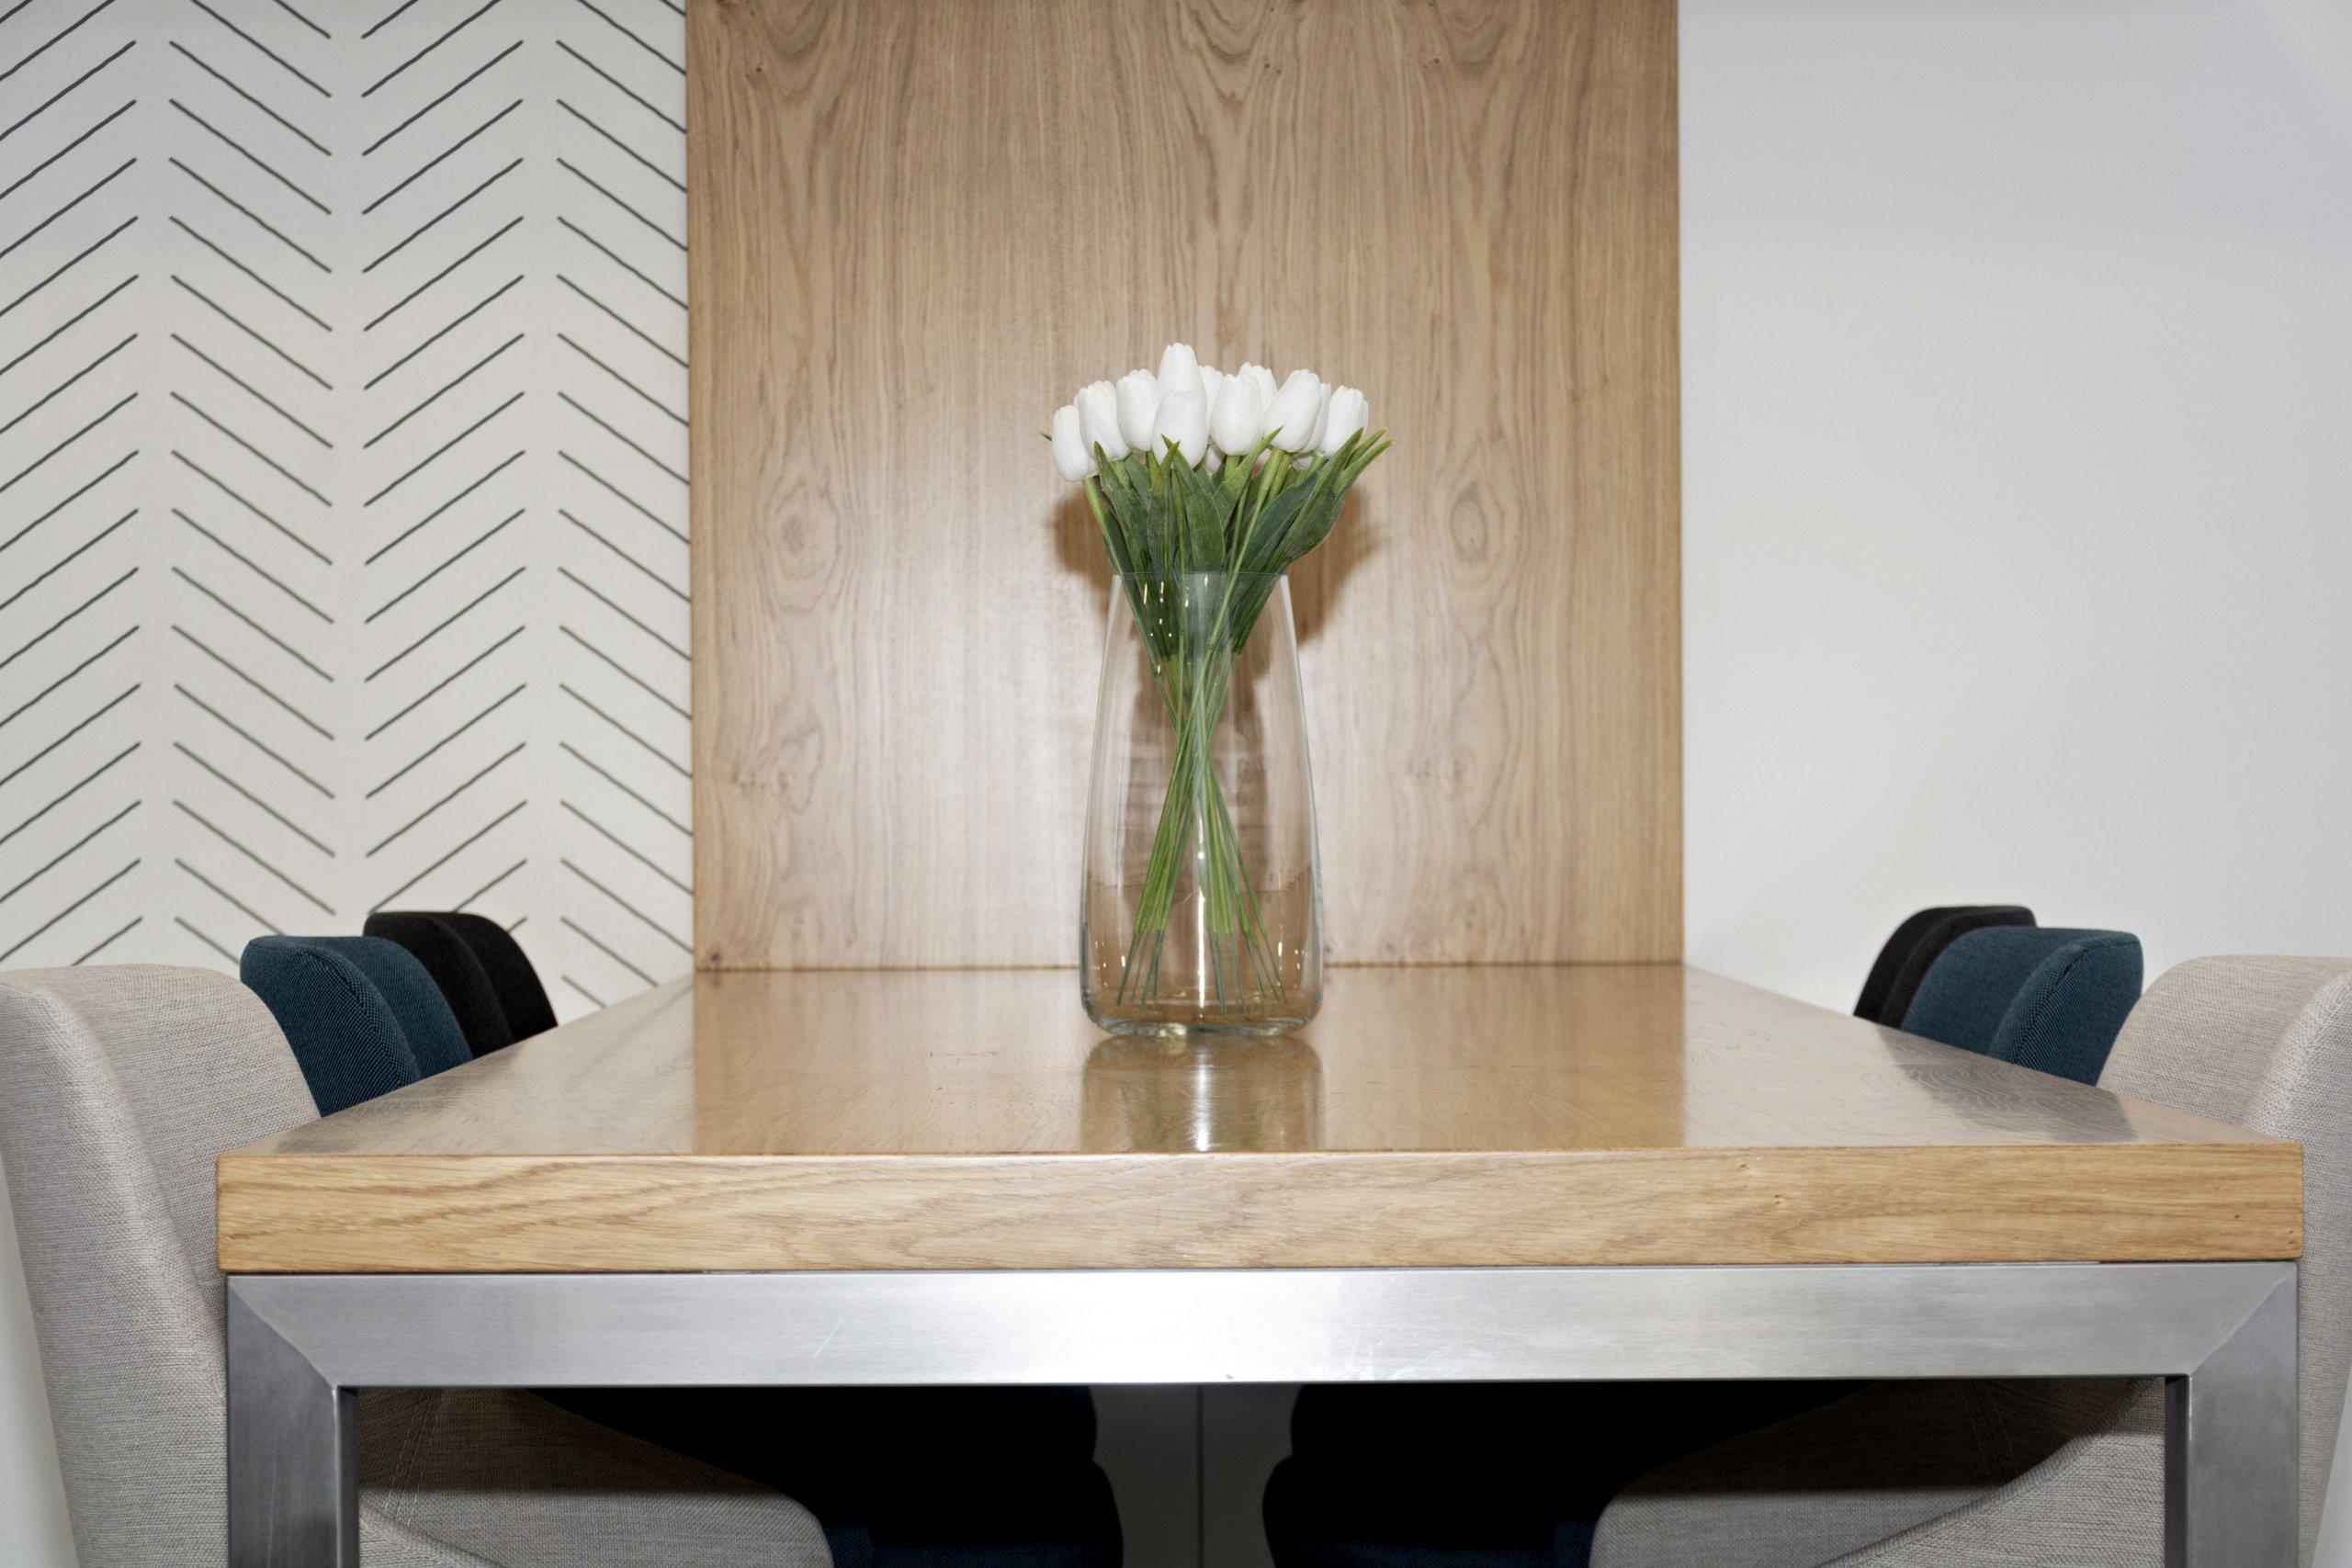 Rodinný dům ve Starých Hodějovicích má za úkol dobře sloužit početné rodině. I proto byl důraz kladen zejména na funkčnost. Soukromé pokoje jsou vybaveny…